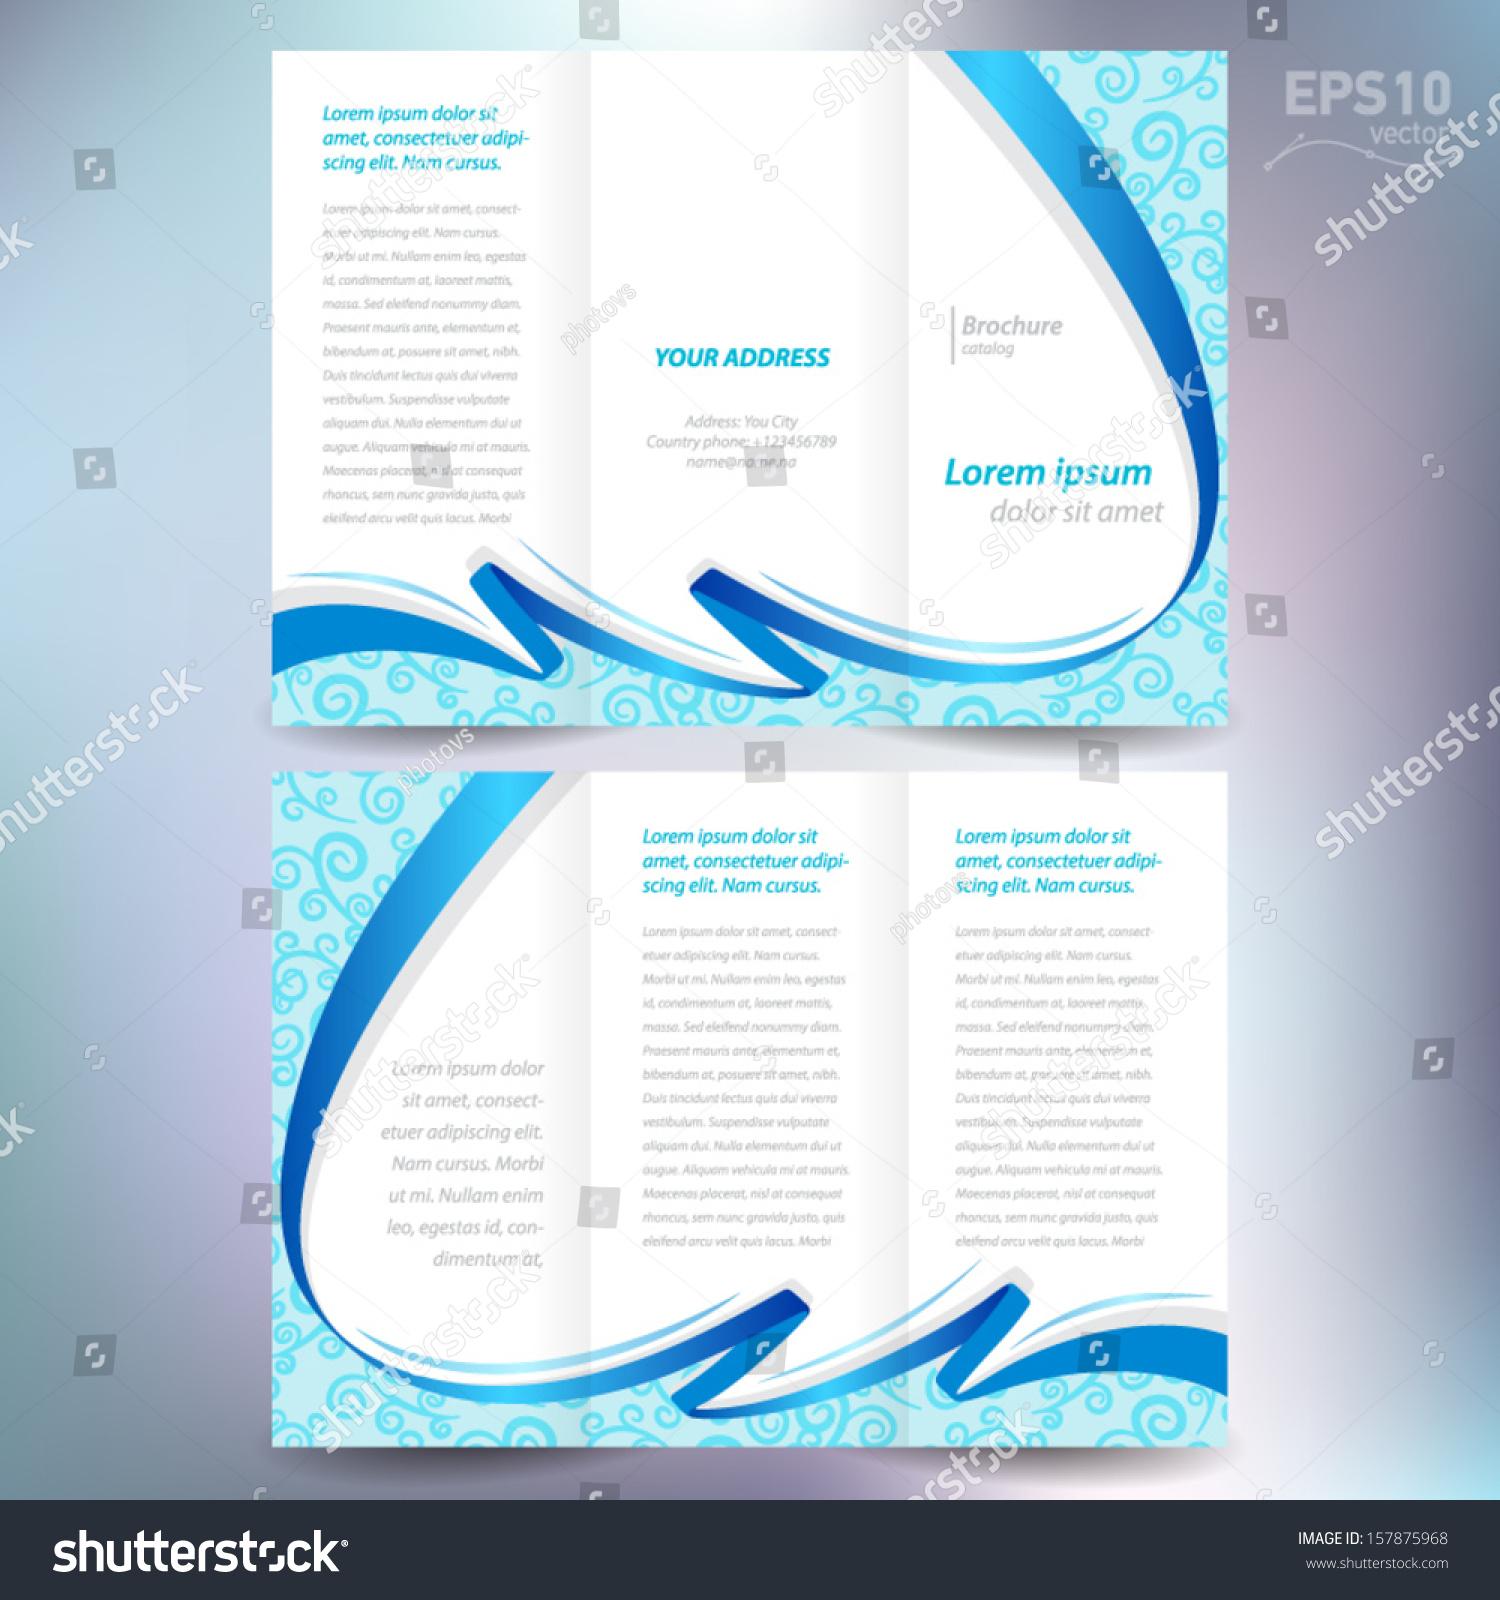 brochure design template vector folder leaflet stock vector 157875968 shutterstock. Black Bedroom Furniture Sets. Home Design Ideas